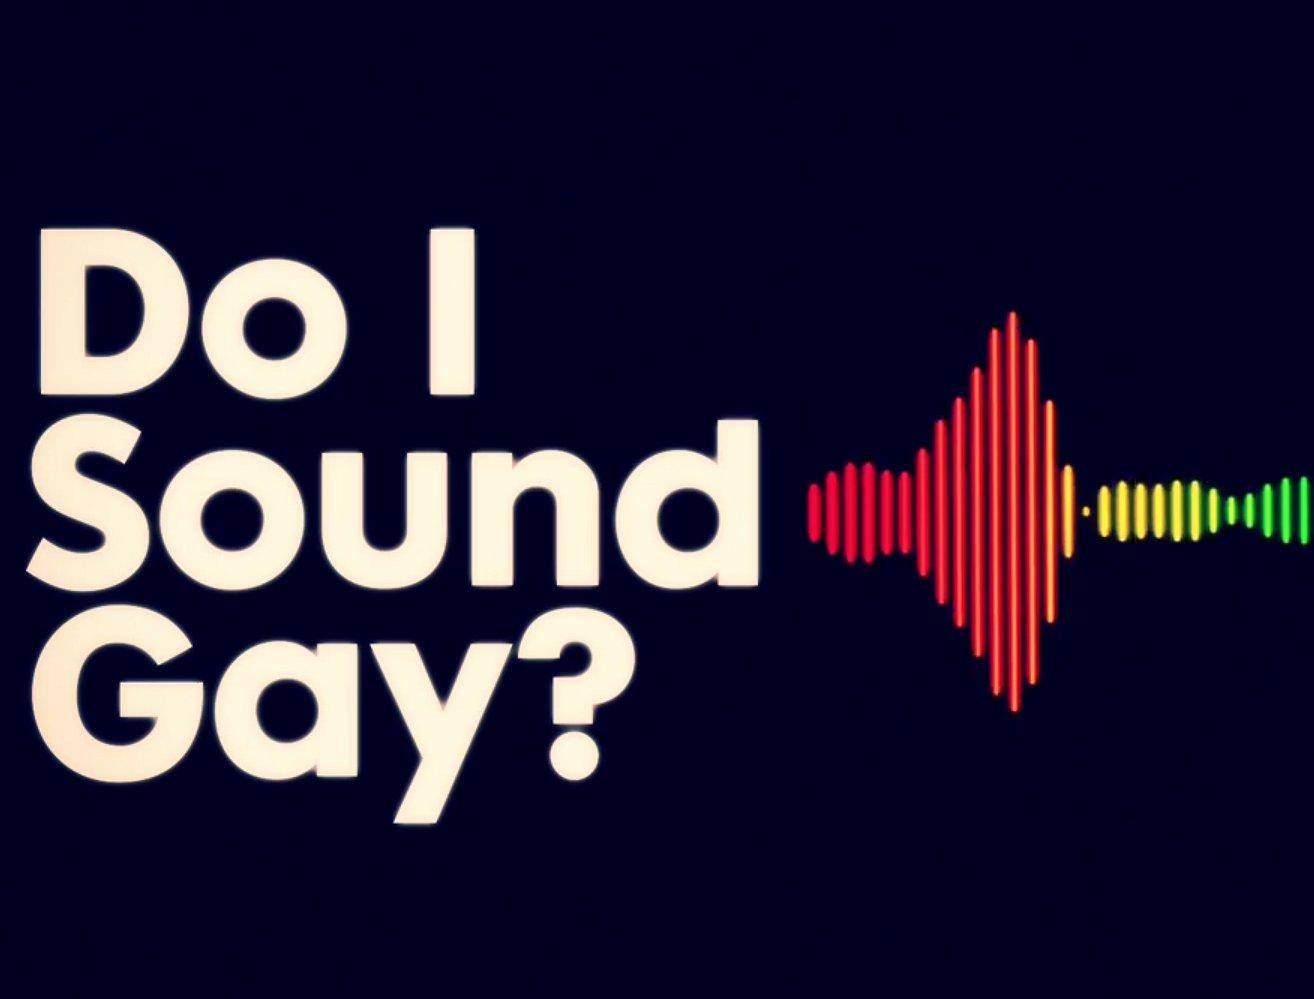 Onderzoek: je wordt minder snel aangenomen als je 'gay' klinkt